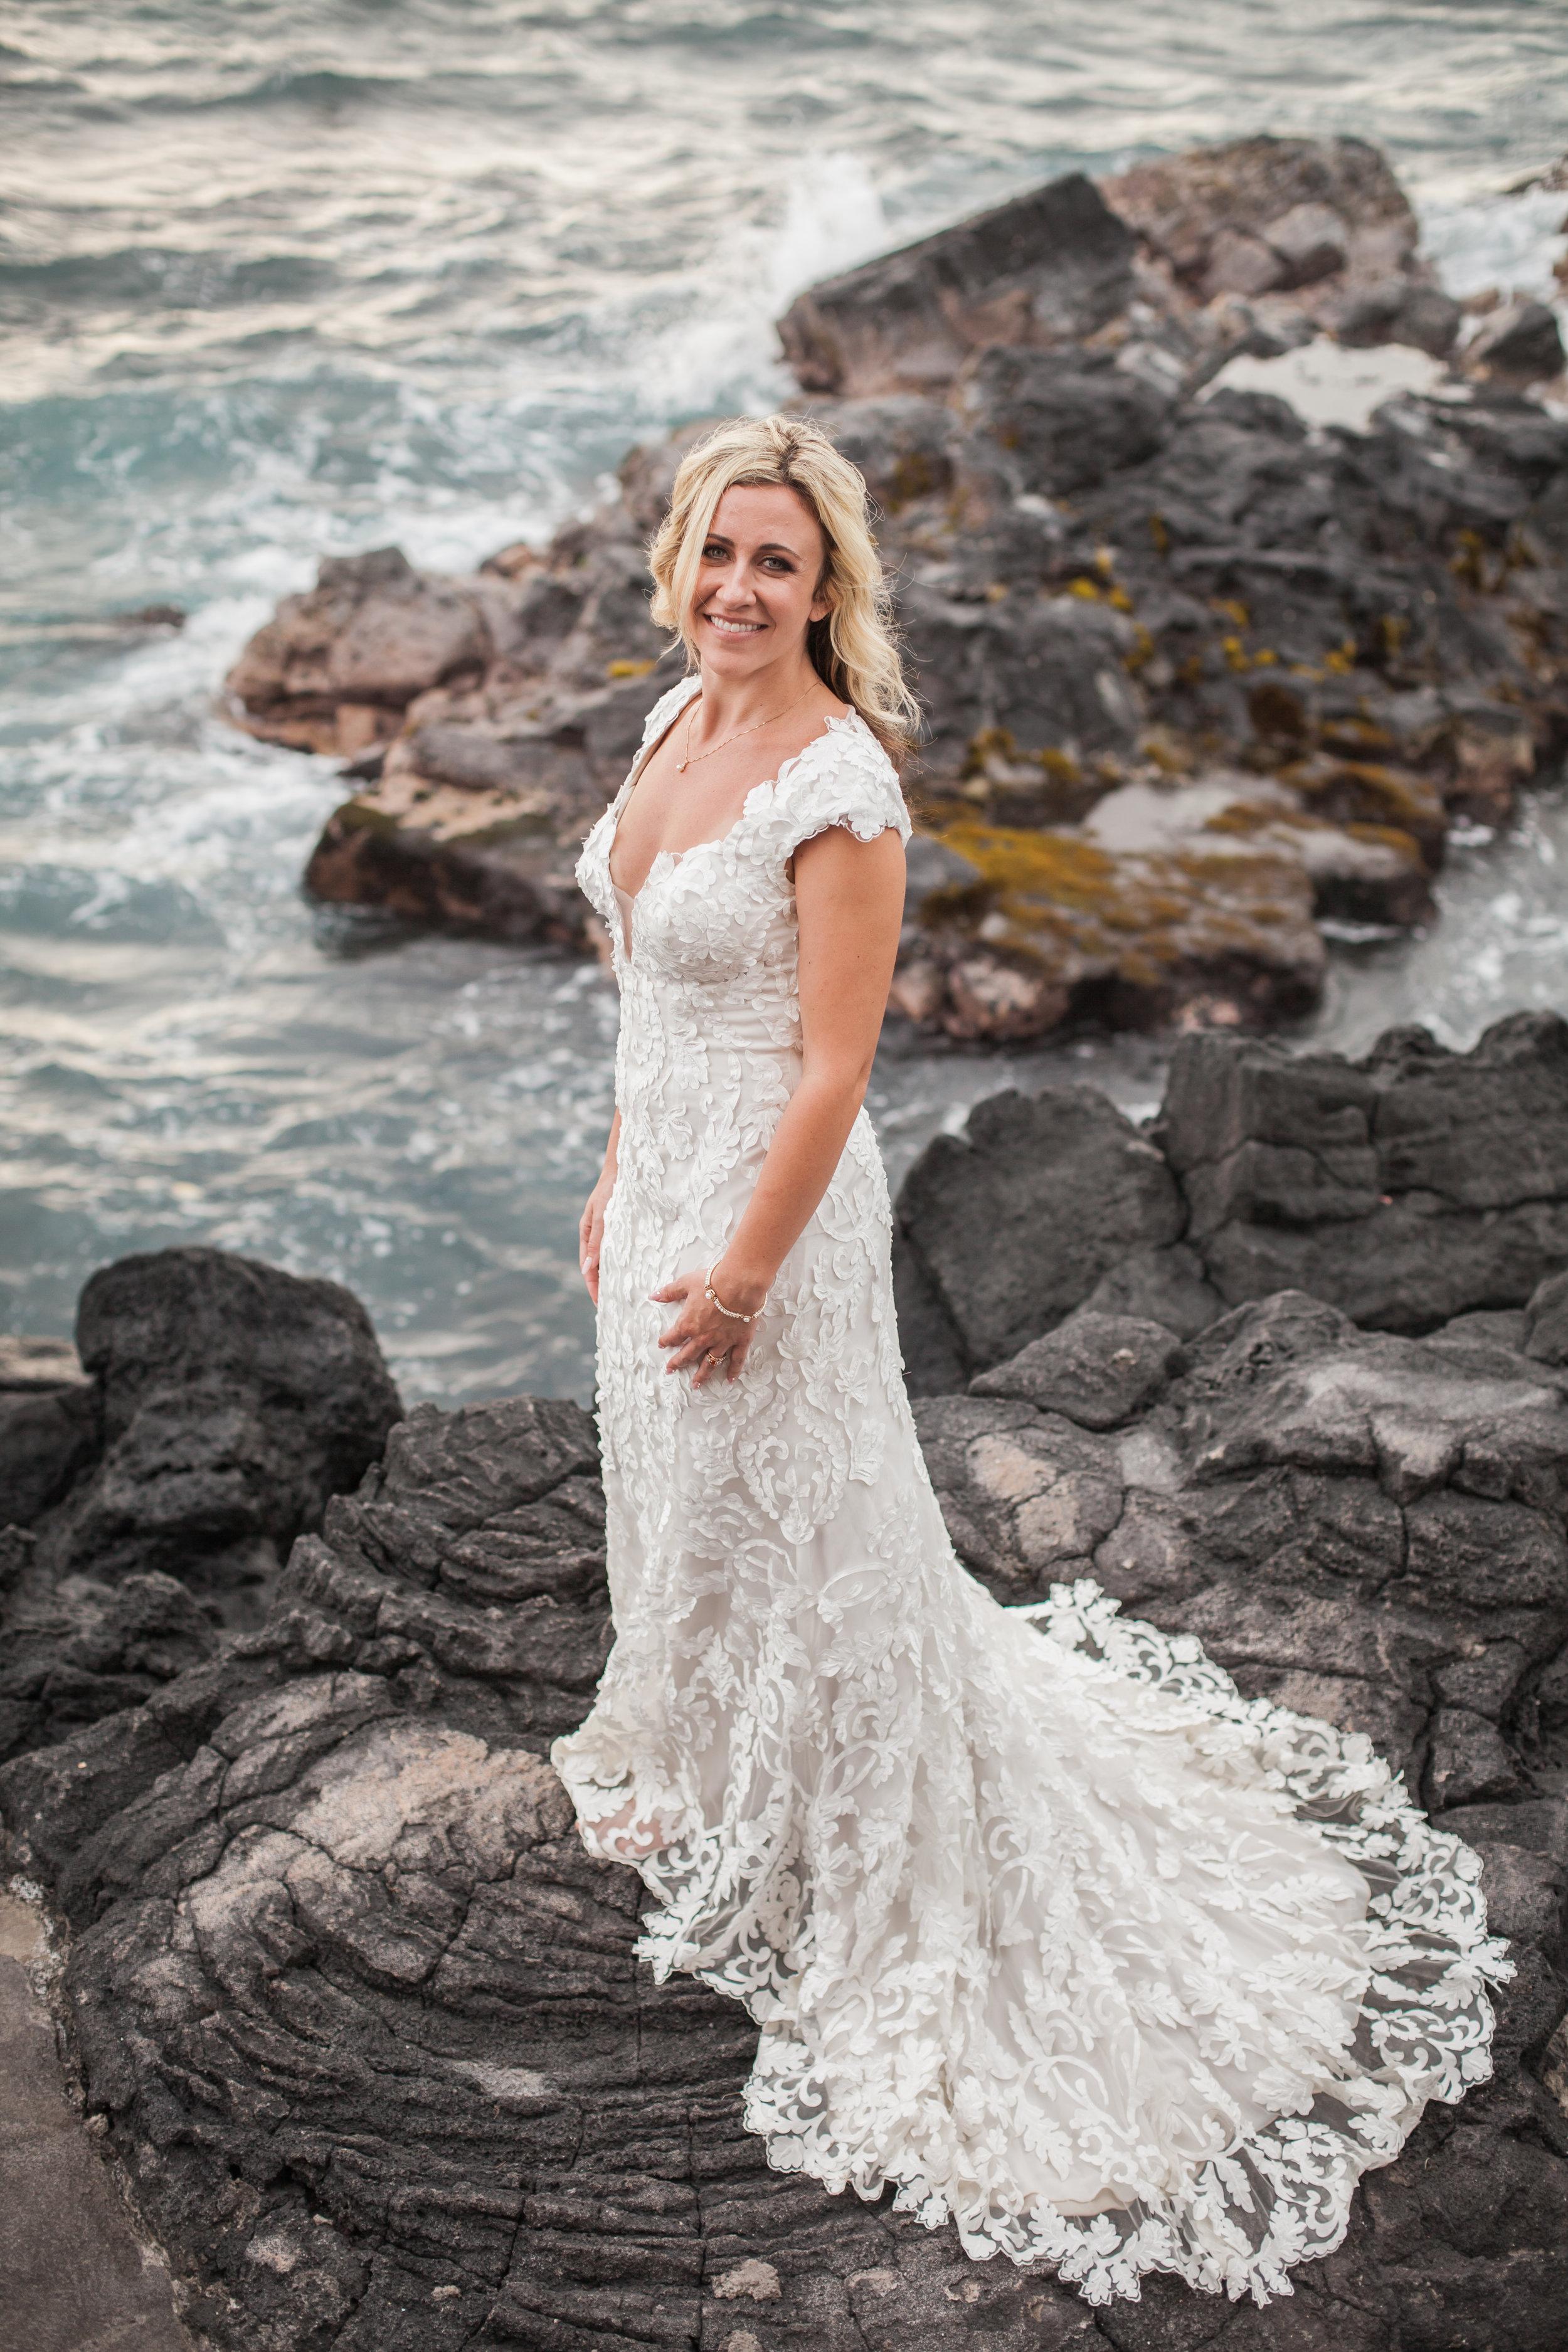 big island hawaii royal kona resort beach wedding © kelilina photography 20170520174910.jpg